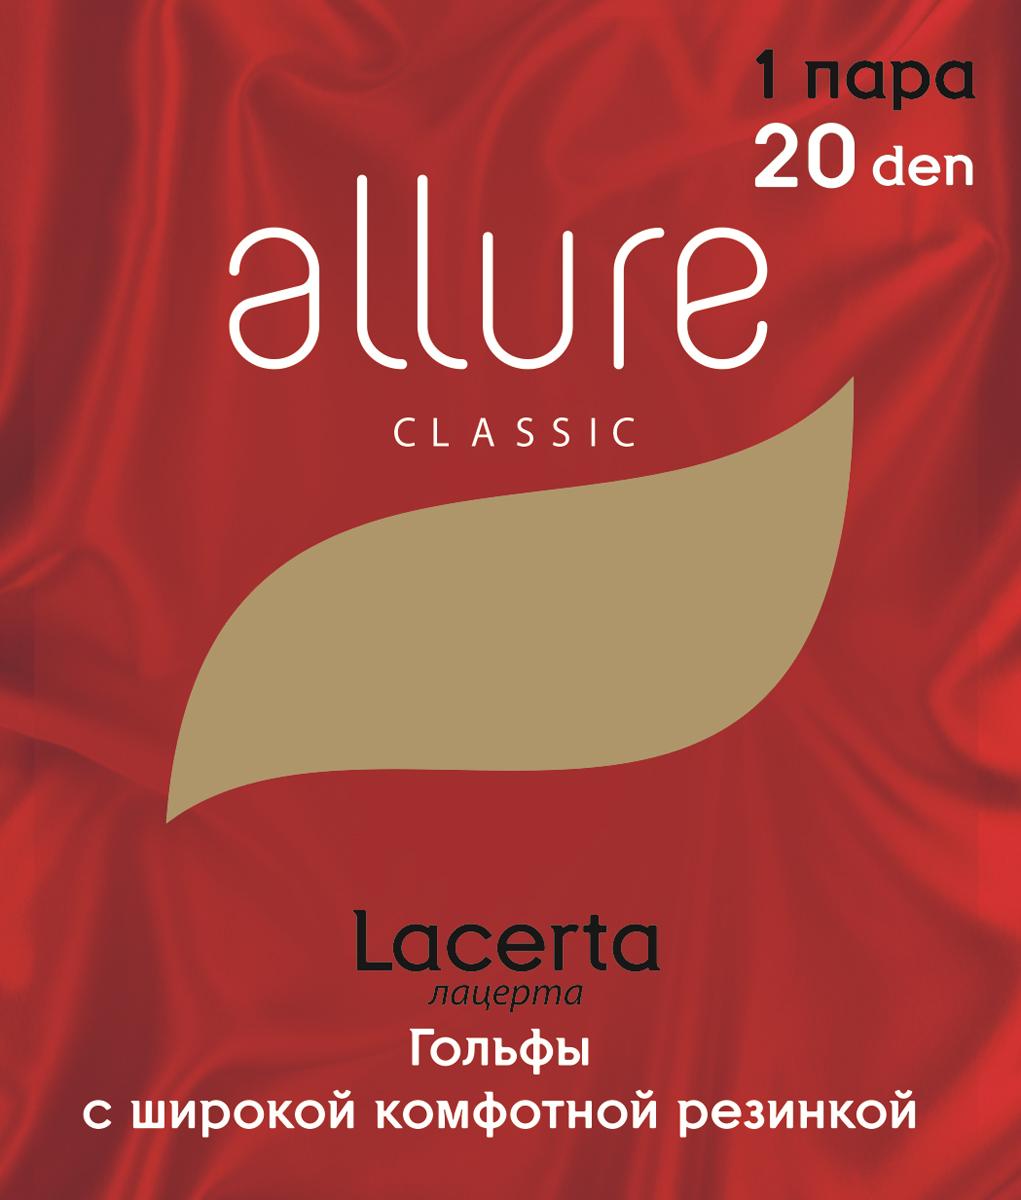 Гольфы Allure Lacerta 20, цвет: Caramello (бежевый). Размер универсальныйLacerta 20Тонкие шелковистые гольфы с широкой комфортной резинкой и укрепленным мыском